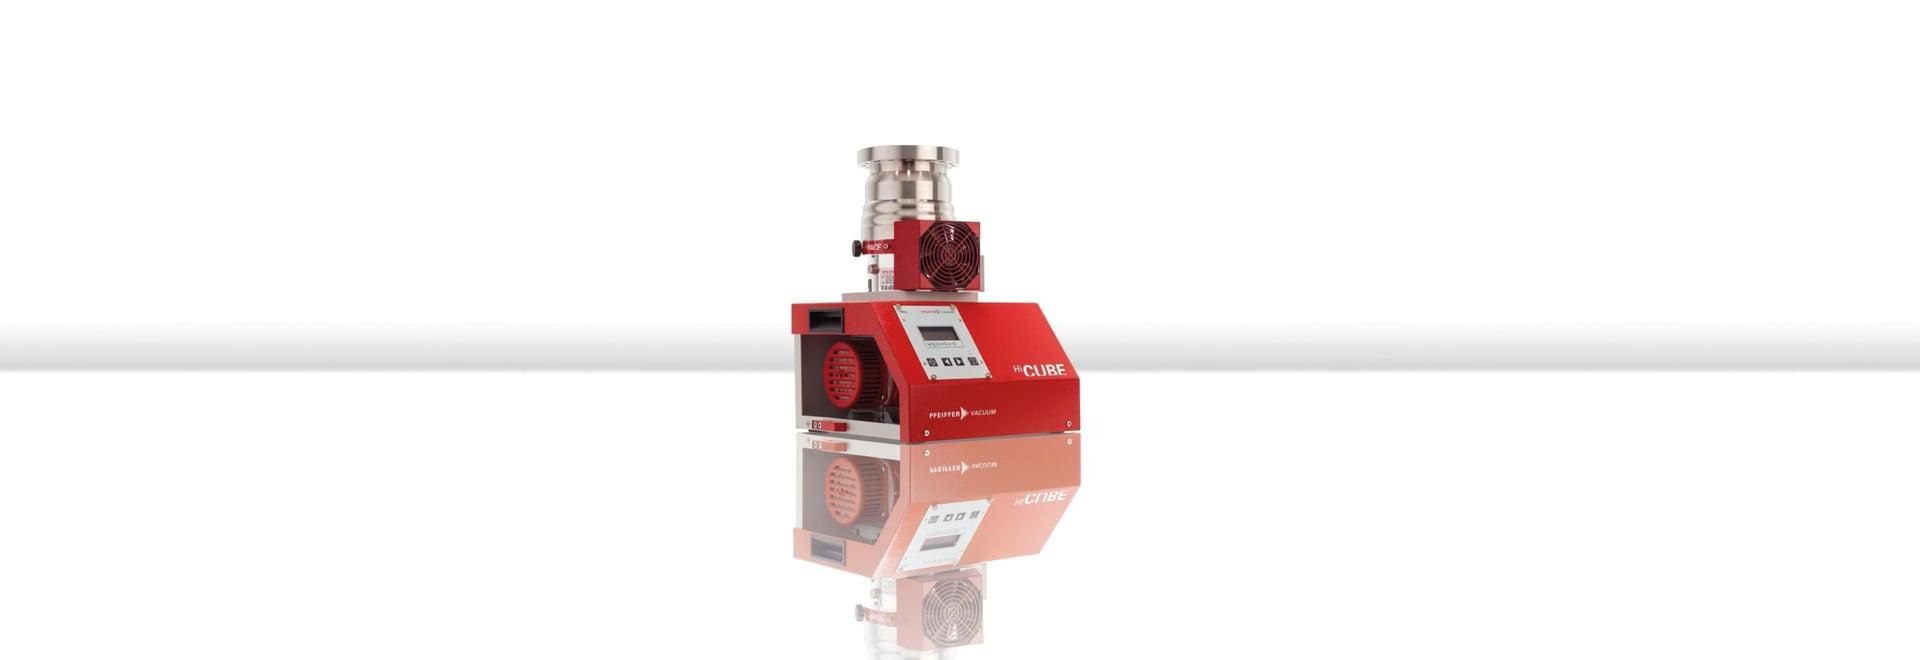 Pfeiffer Vacuum - HiCube Eco